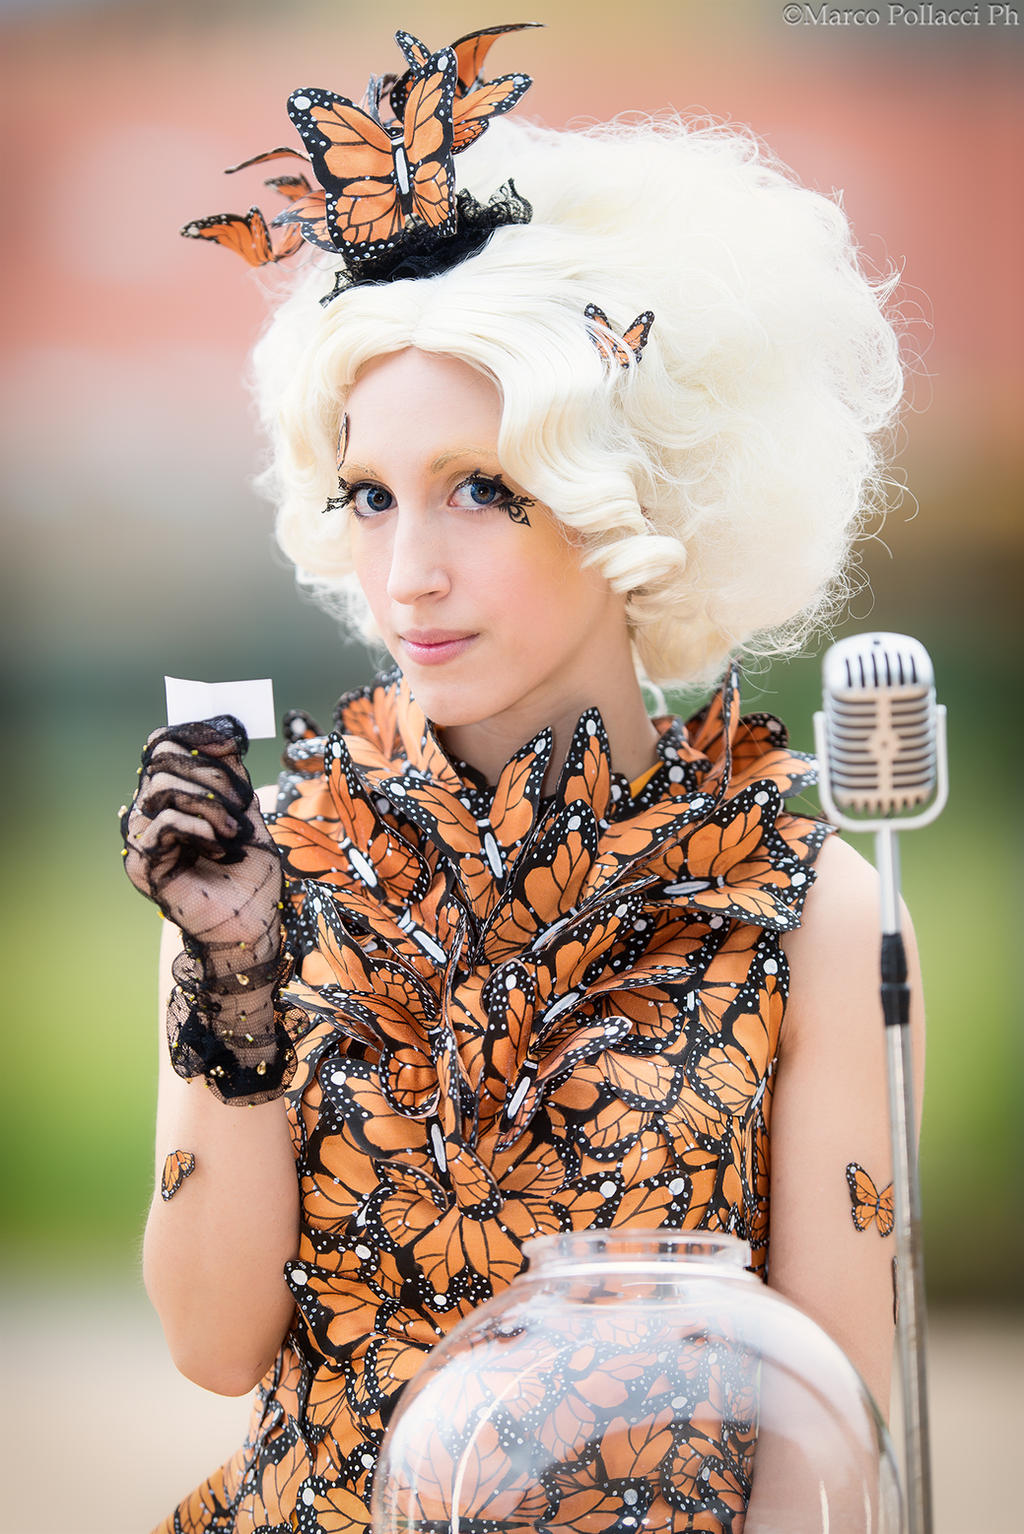 Hunger Games Pictures - Effie Trinket - Wattpad